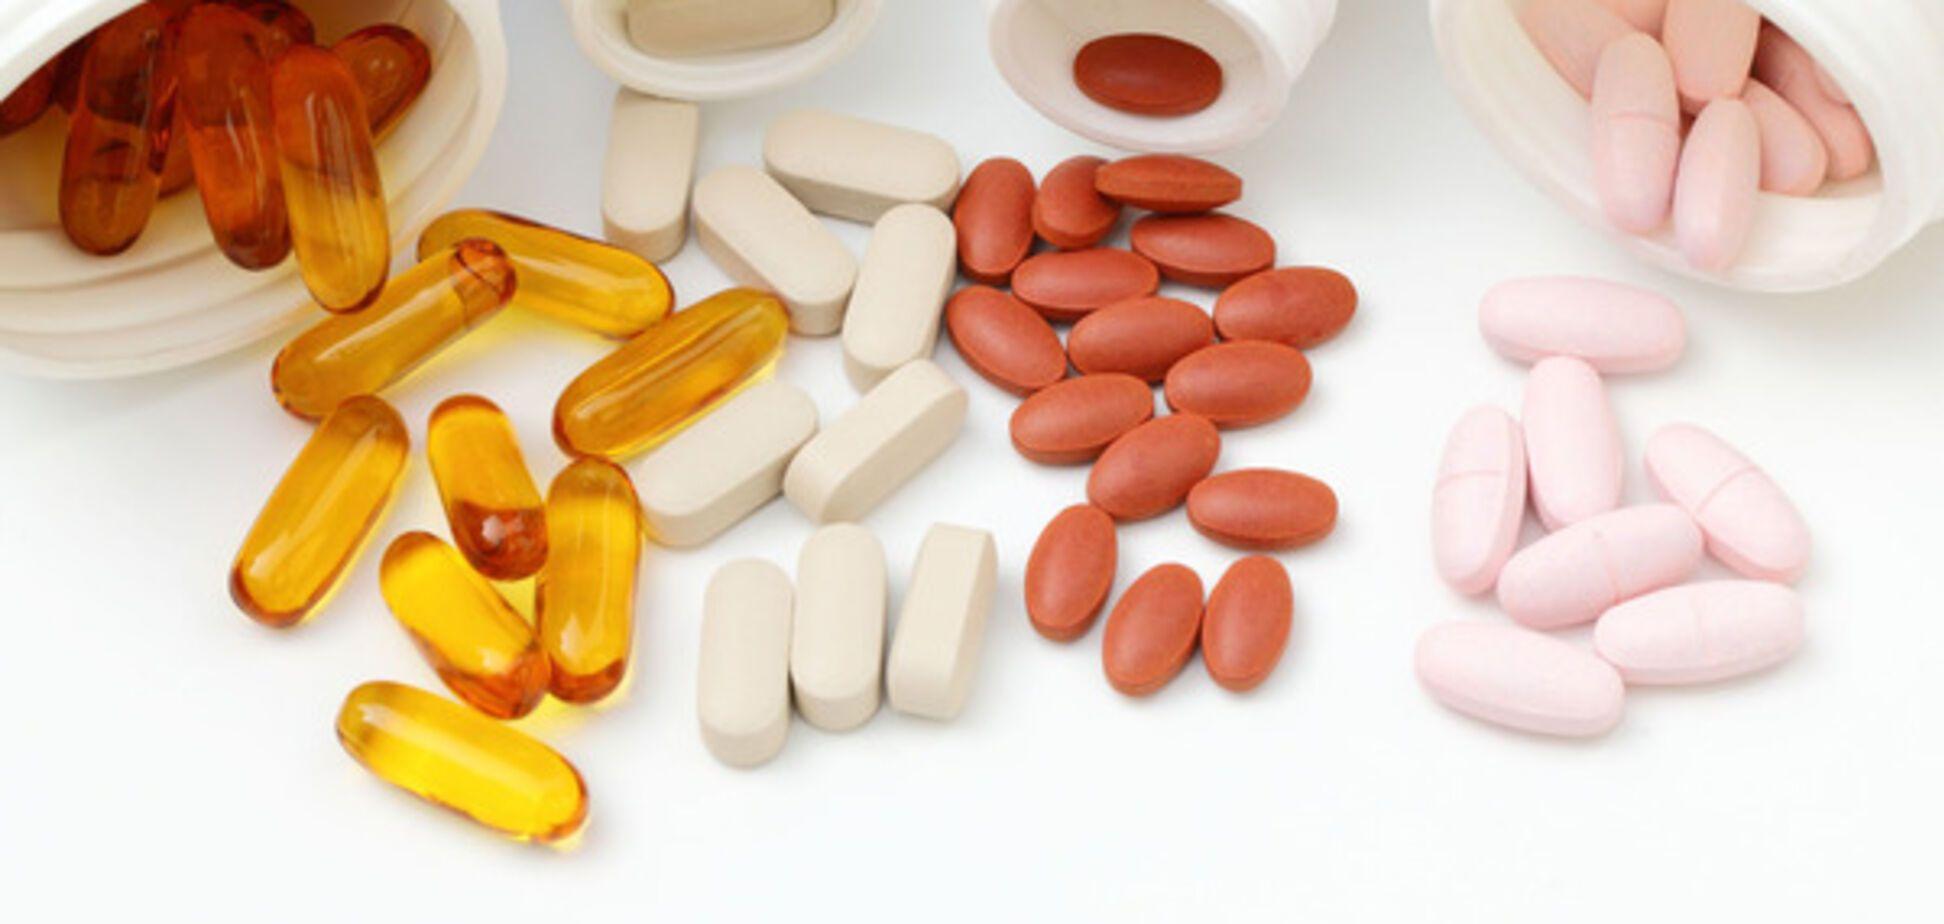 Лікарі назвали вітамін, надлишок якого небезпечний для життя